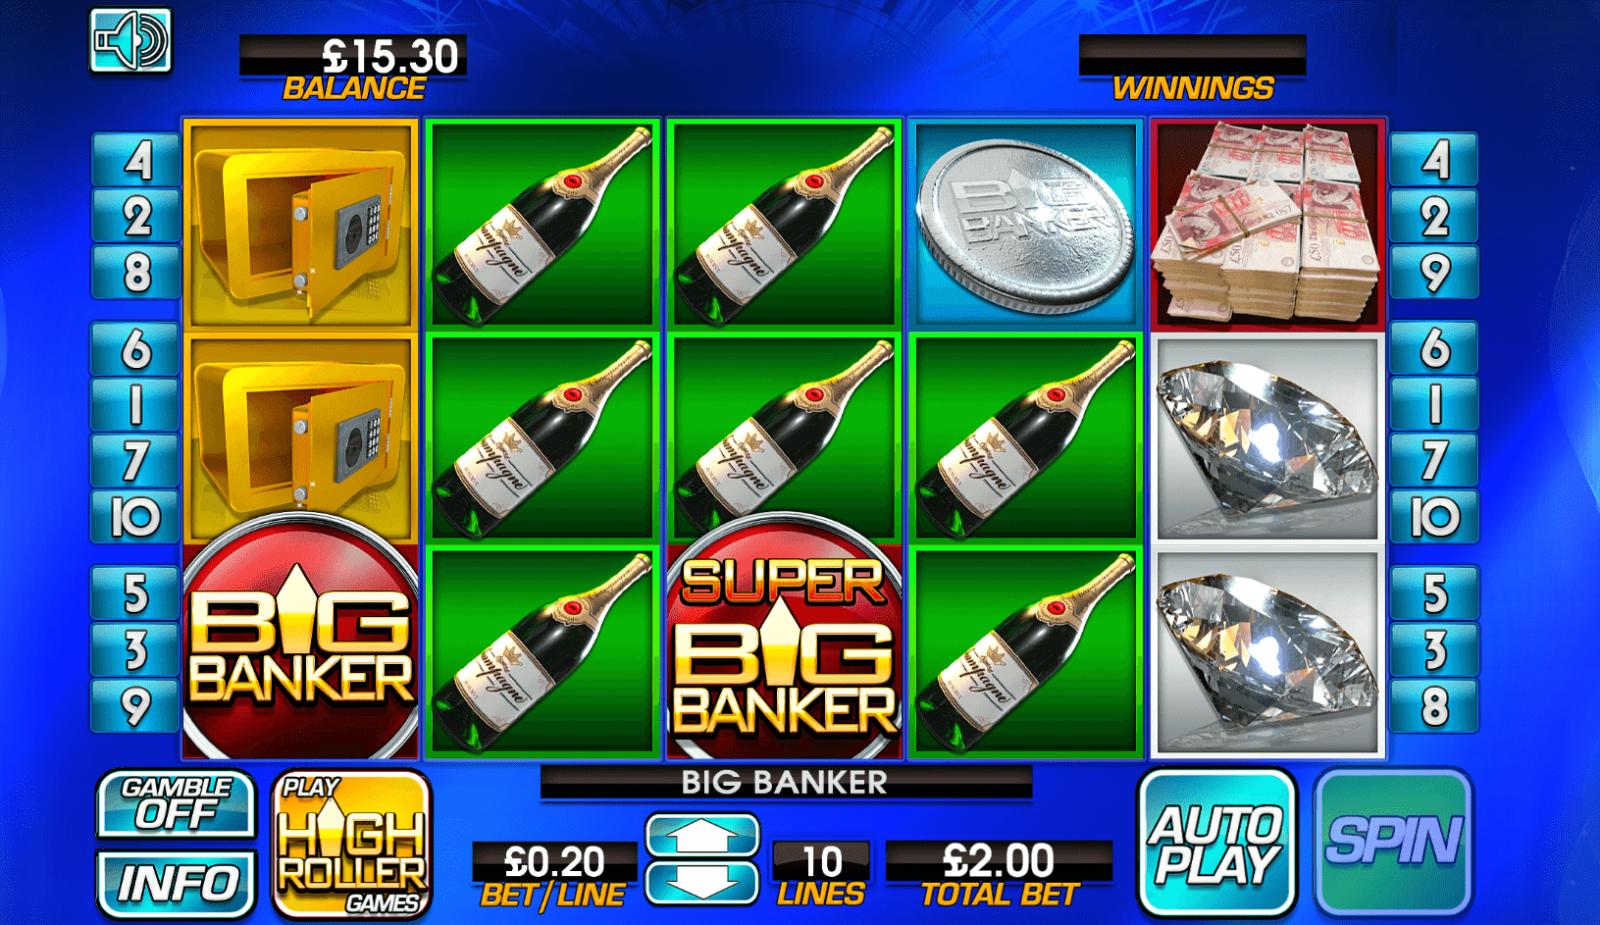 Big Banker Free Spins